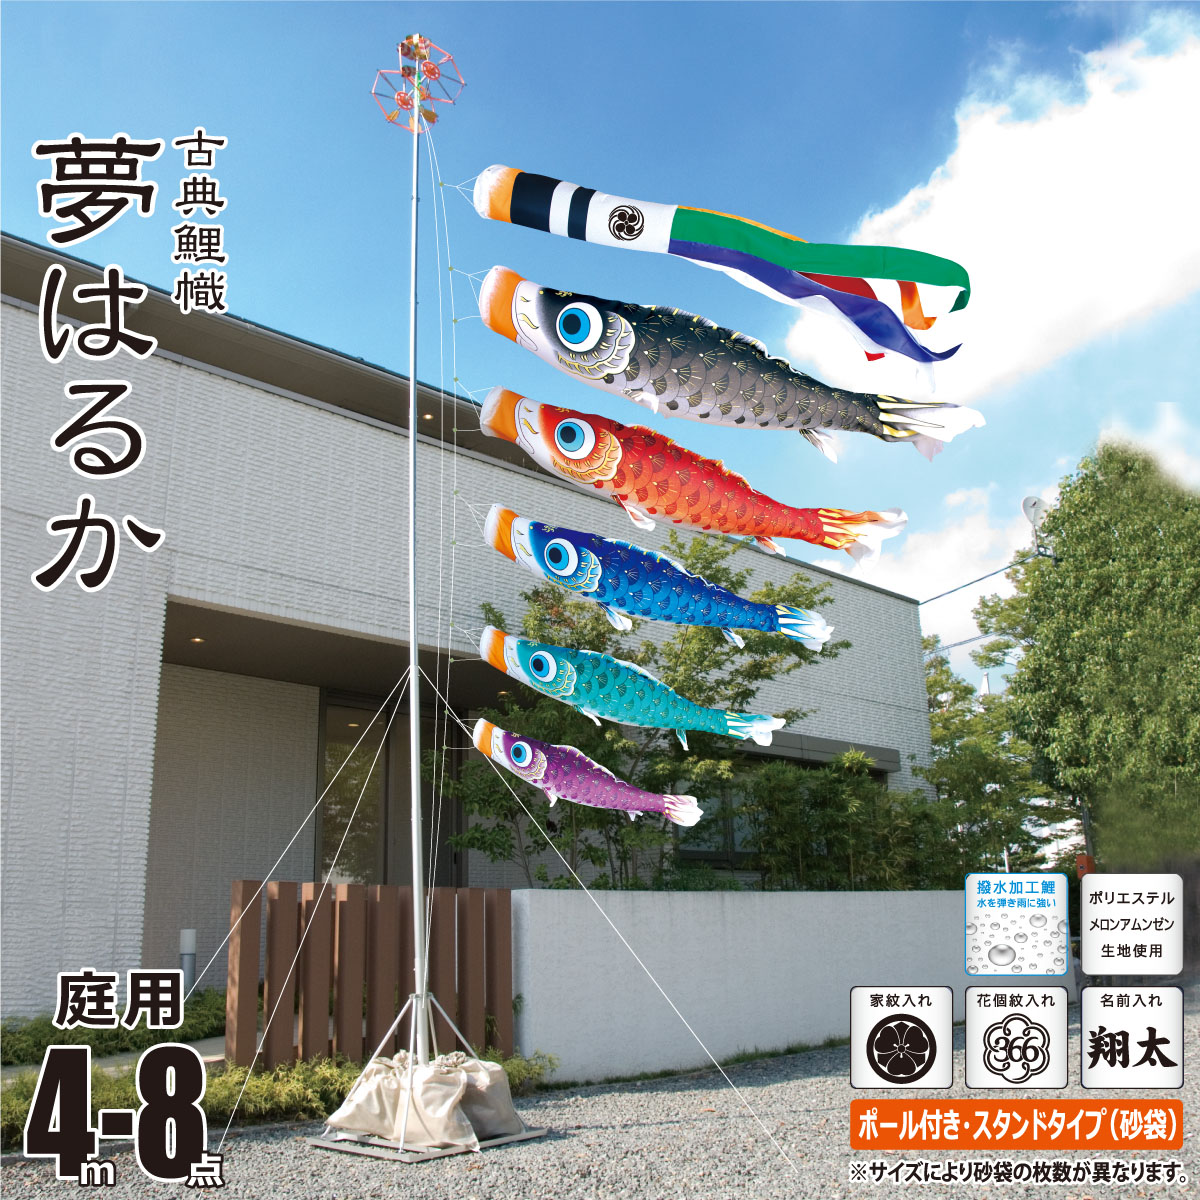 こいのぼり 4m 夢はるか 8点 (矢車、ロープ、吹流し、鯉5匹) 庭園用 スタンドセット (庭用 スタンド 砂袋6枚入り) 徳永鯉のぼり KIT-110-692